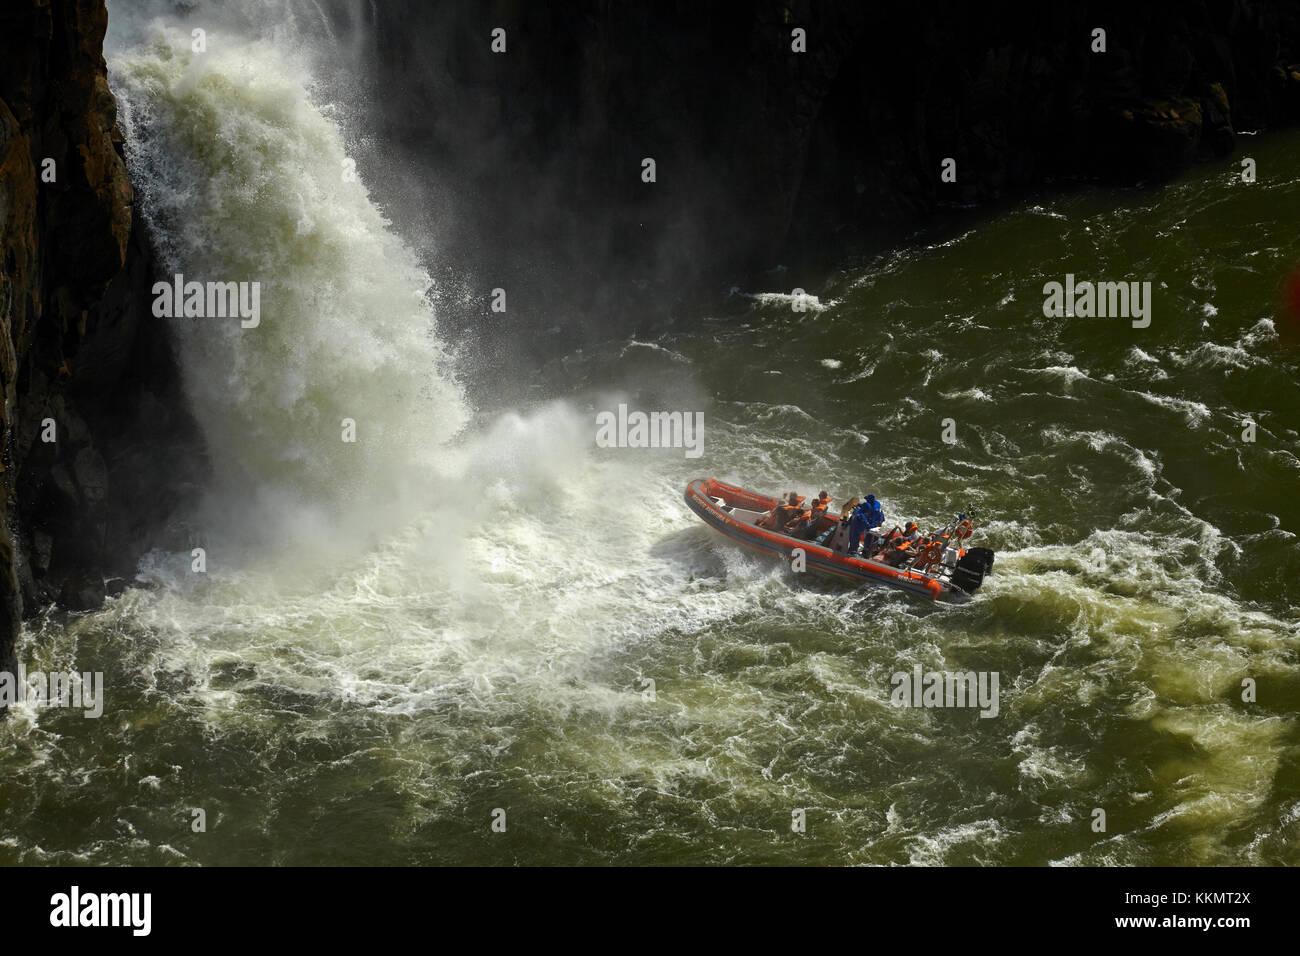 Touristenboot unter Iguazu Wasserfälle, Brasilien - Argentinien, Südamerika Stockbild